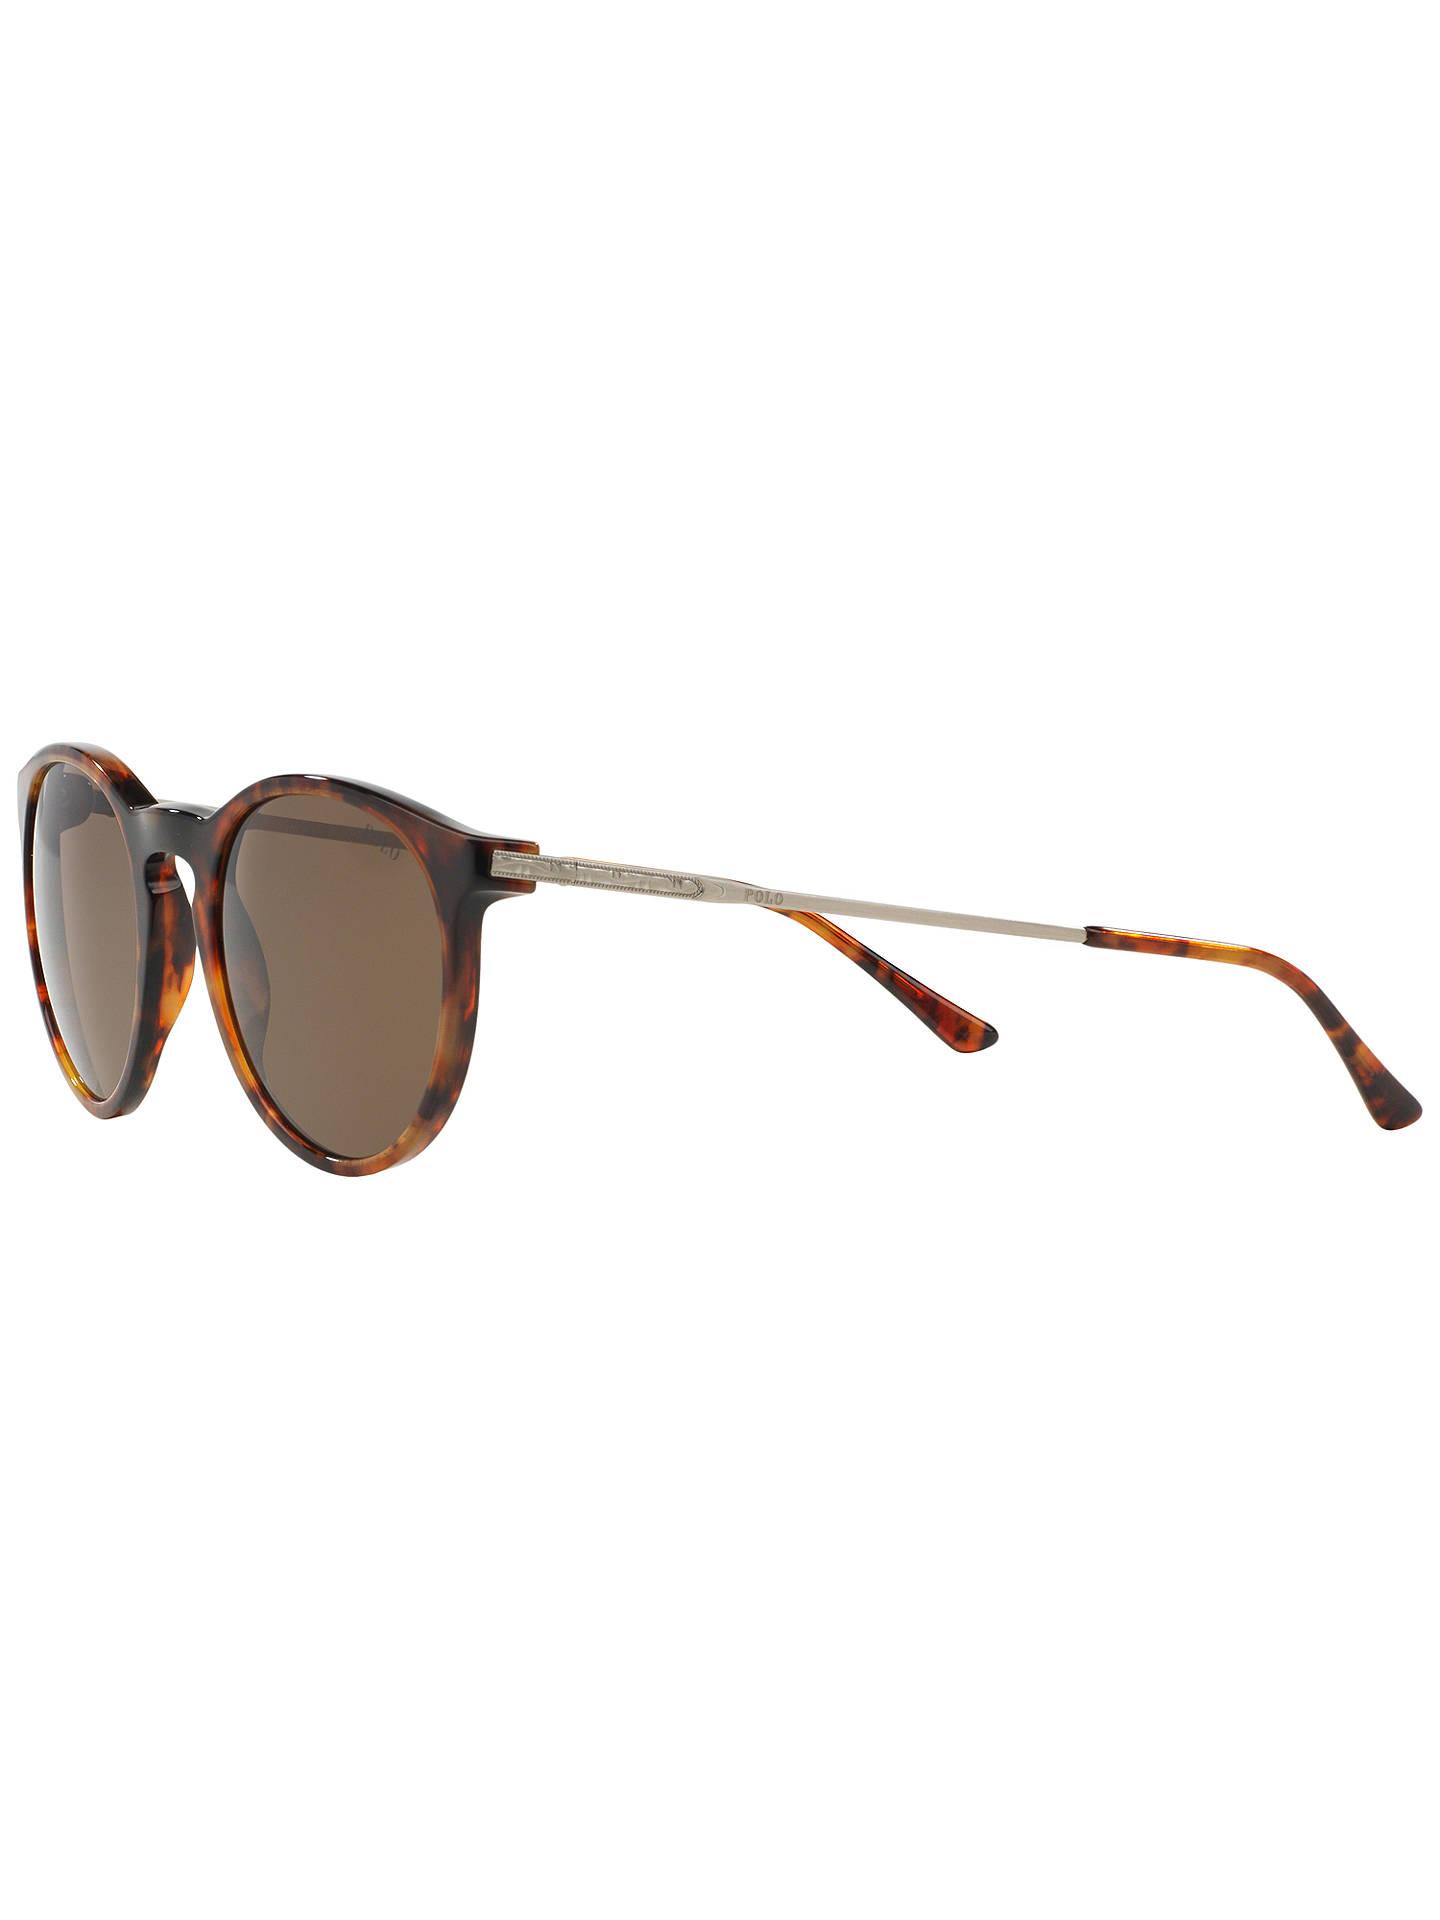 01740e7b76df ... Buy Polo Ralph Lauren PH4096 Phantos Framed Sunglasses, Tortoise Online  at johnlewis.com ...